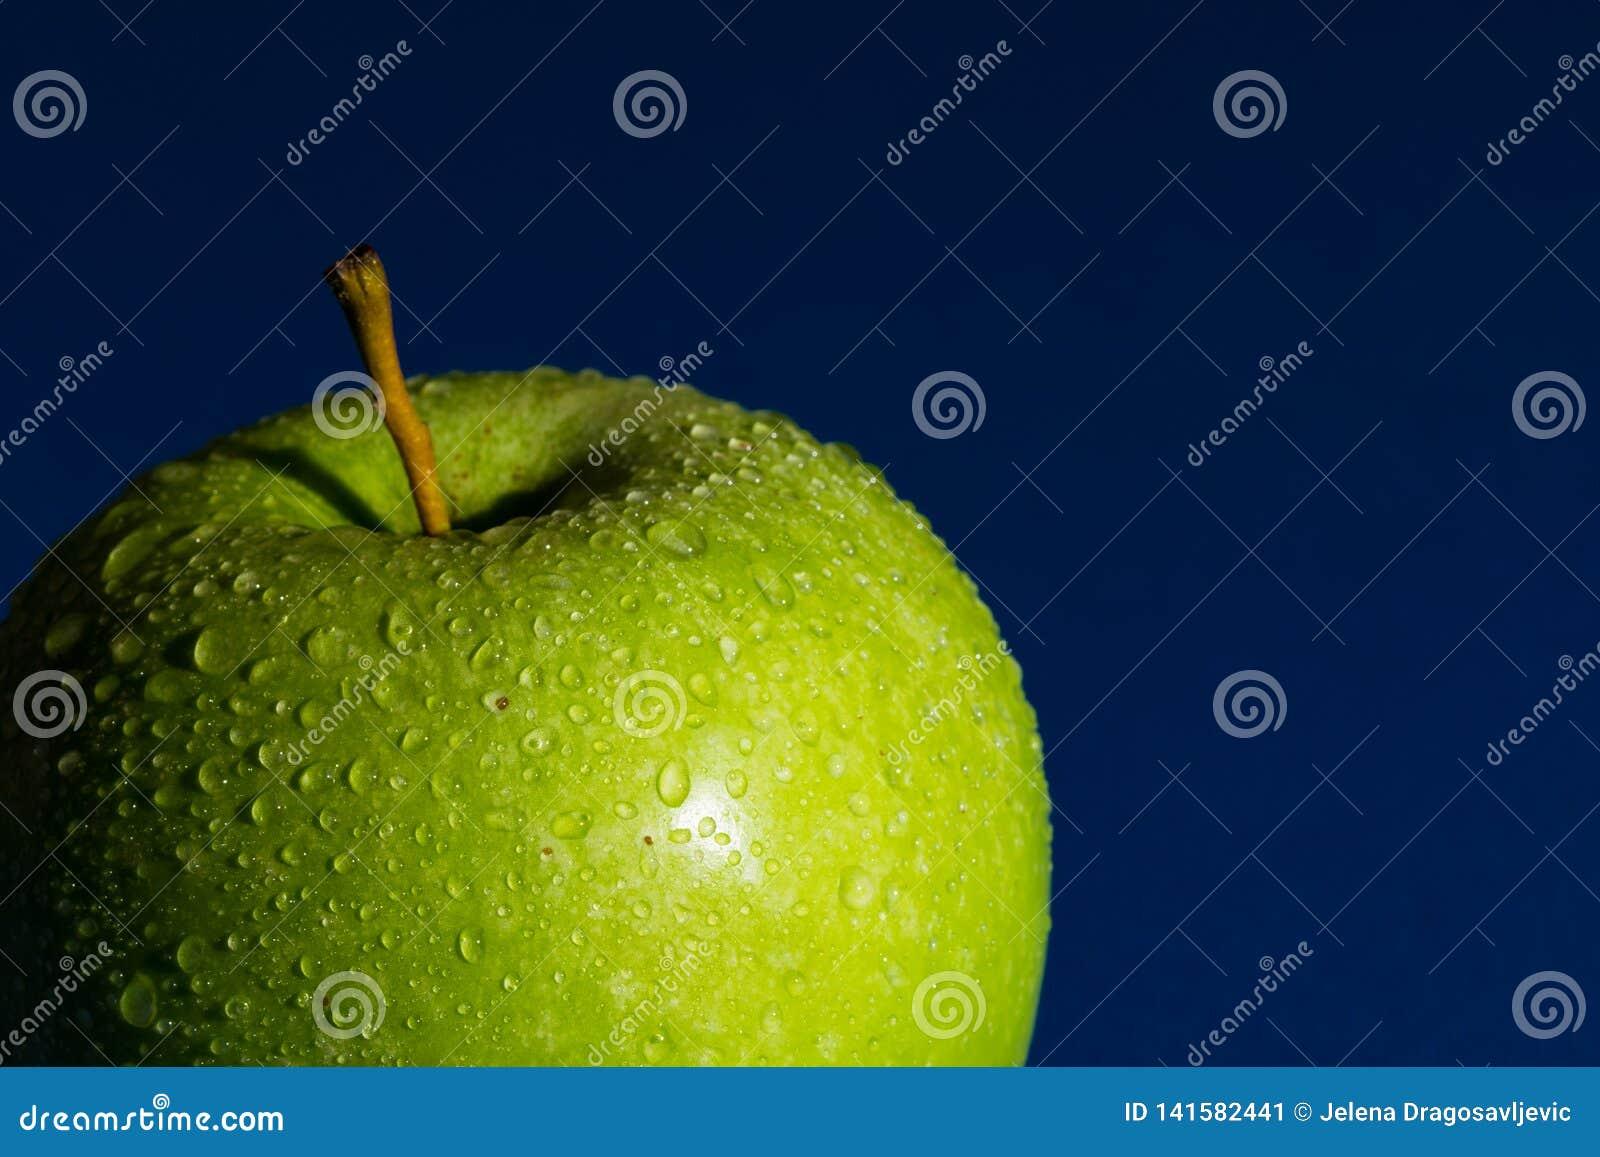 Wyśmienicie zielony jabłko z perłami wodny i błękitny tło